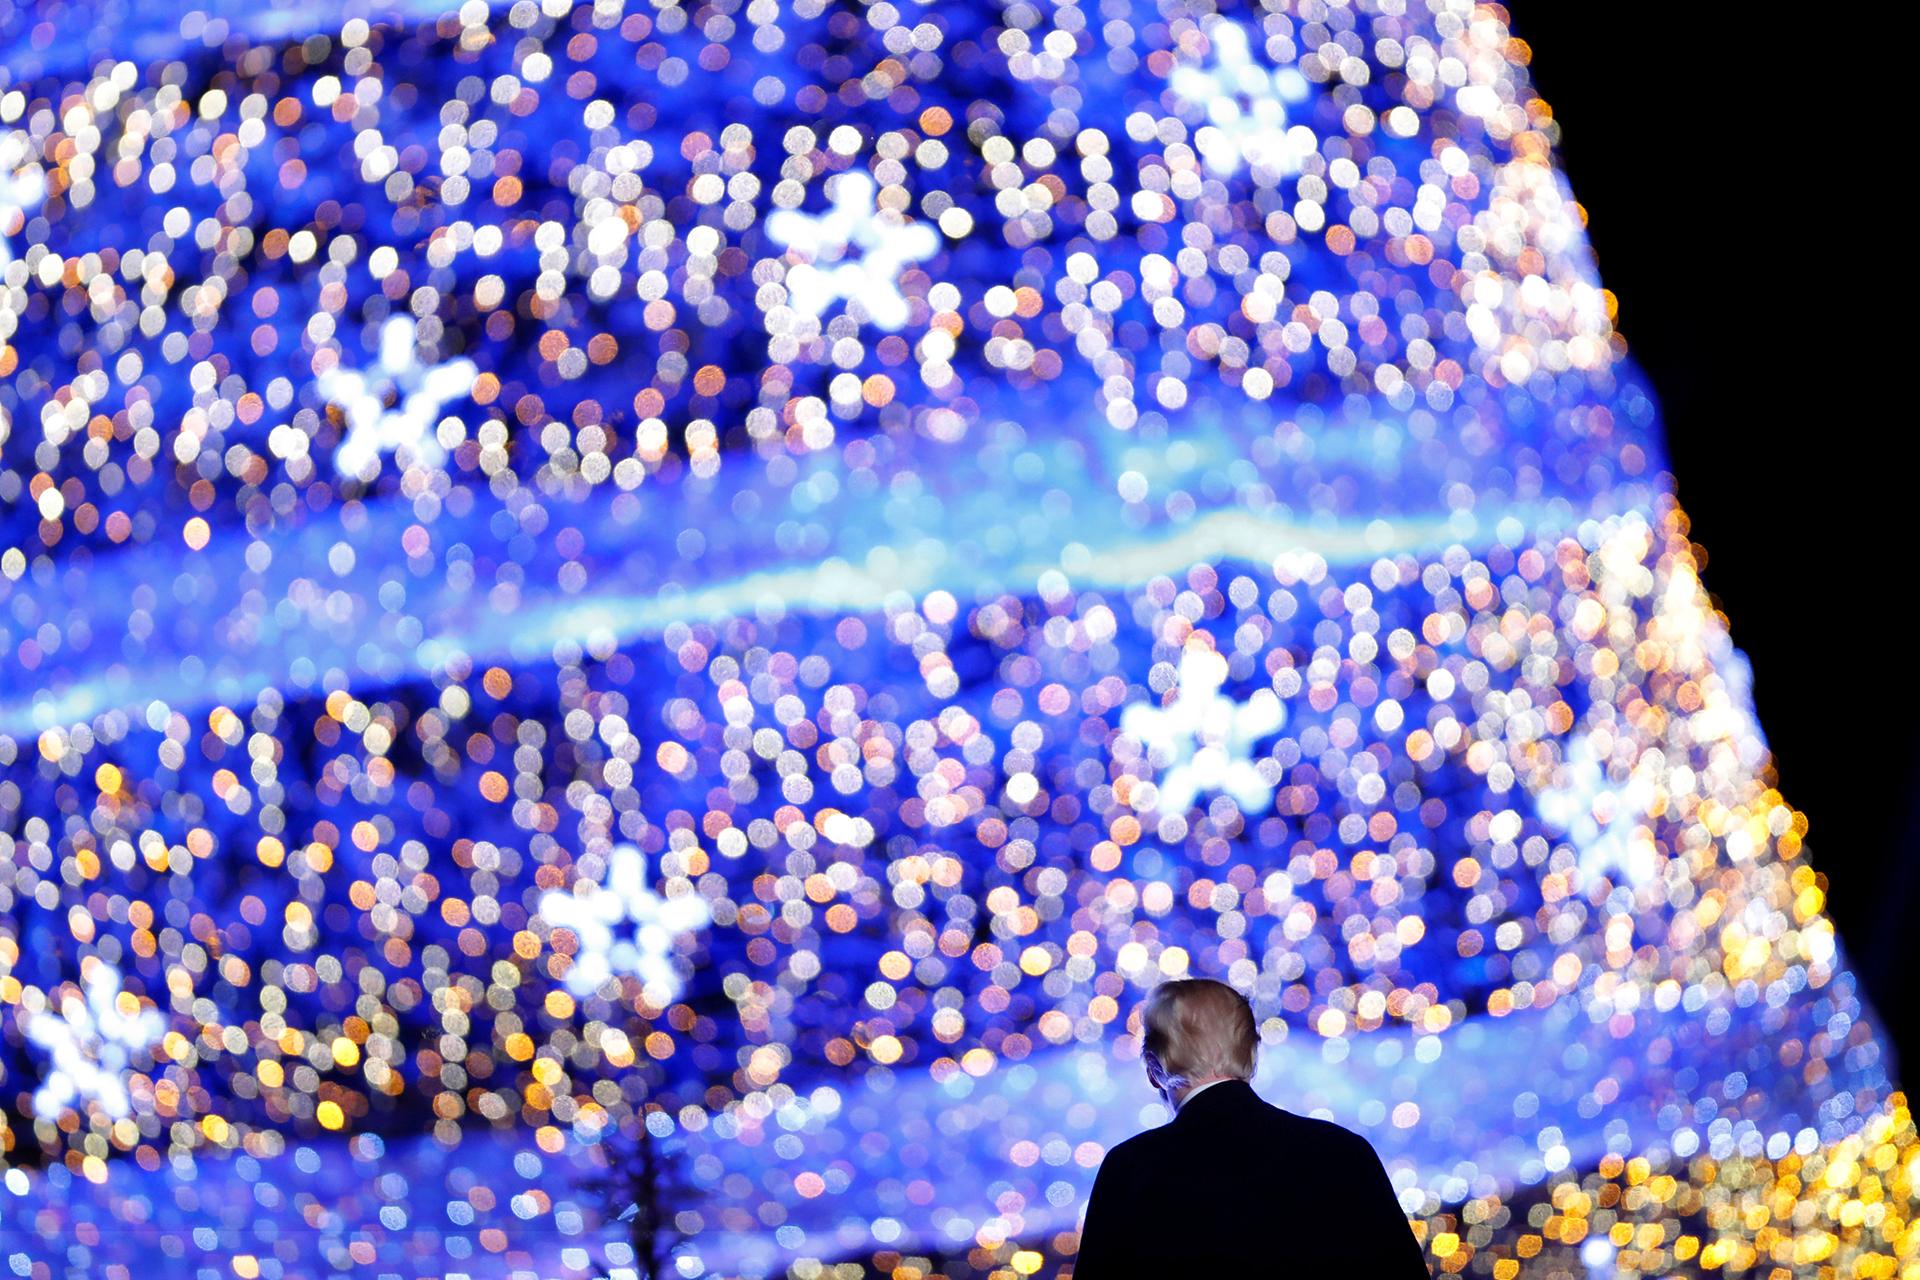 El presidente de los EEUU Donald Trump observa las luces del árbol, cerca de la Casa Blanca